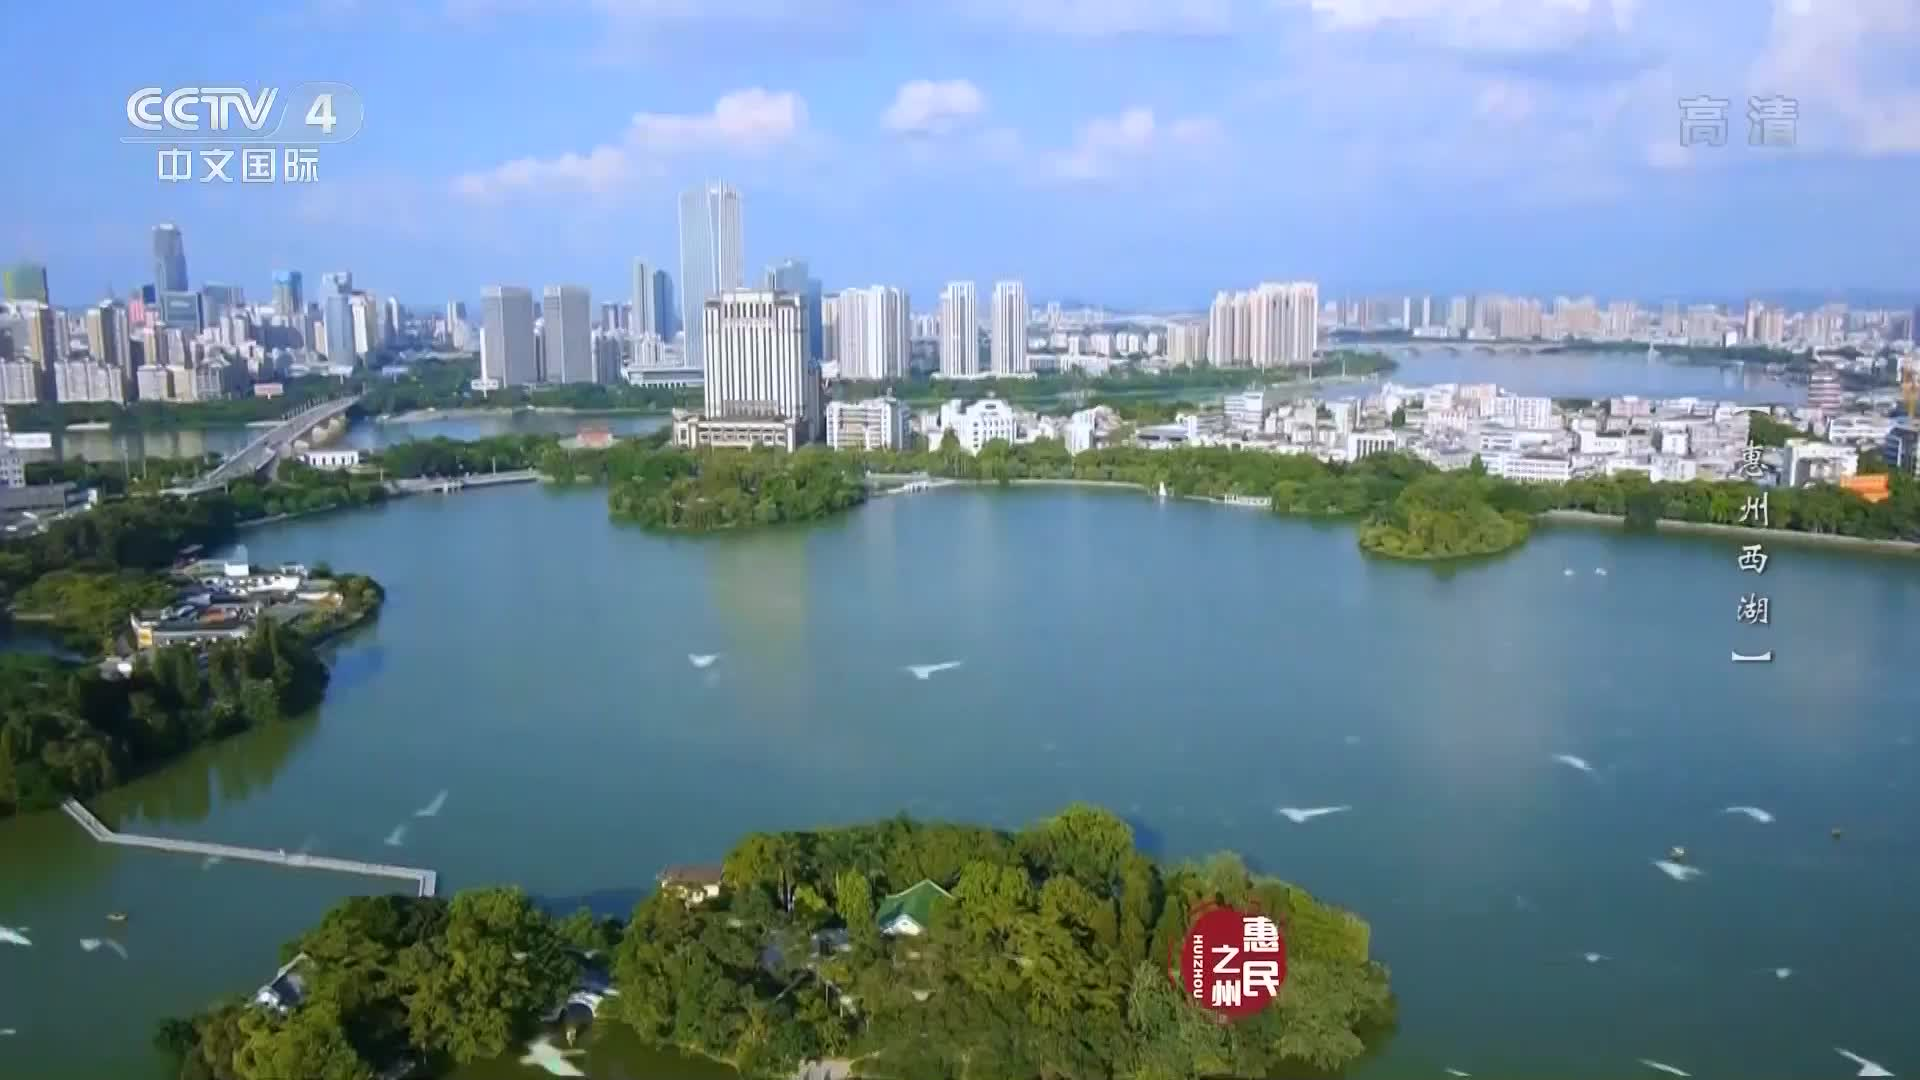 央视广告欣赏-惠州